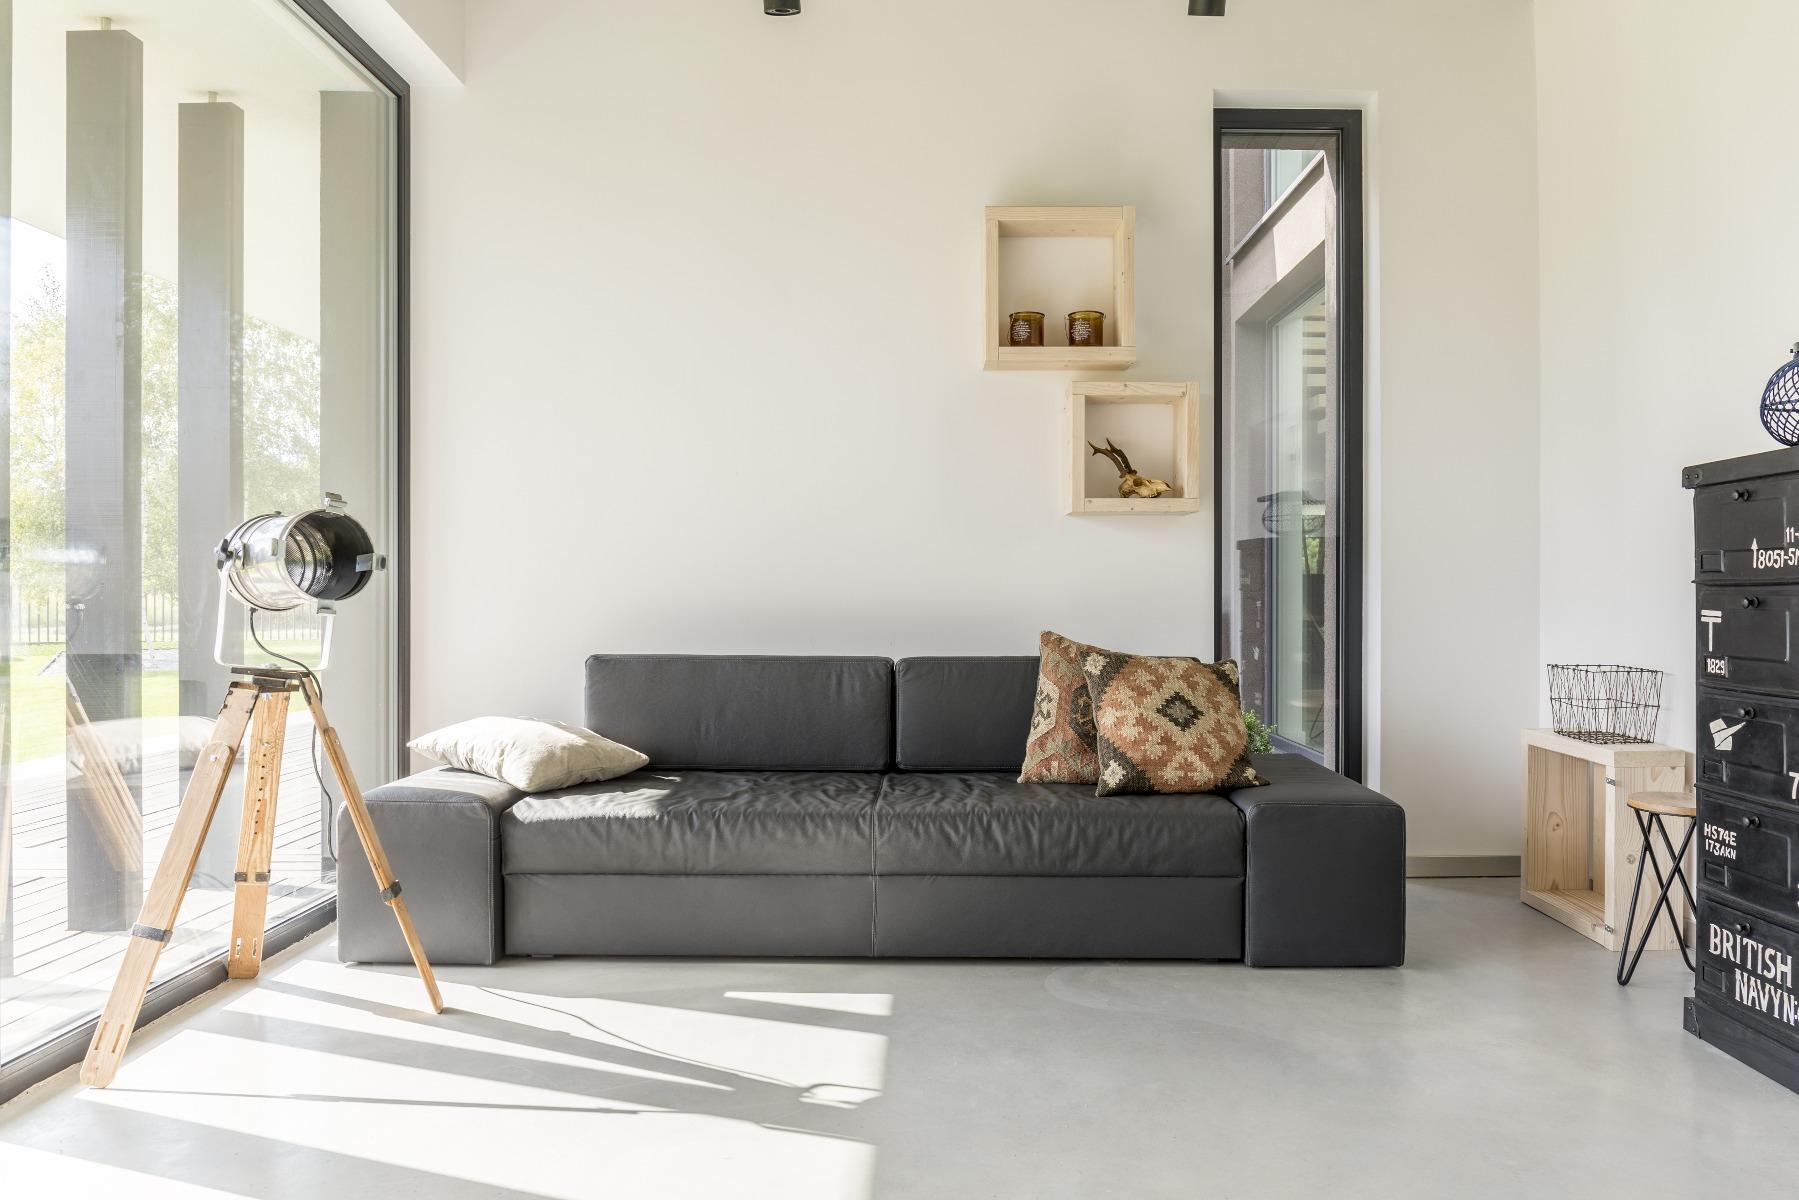 Das Bild zeigt ein modernes Wohnzimmer.